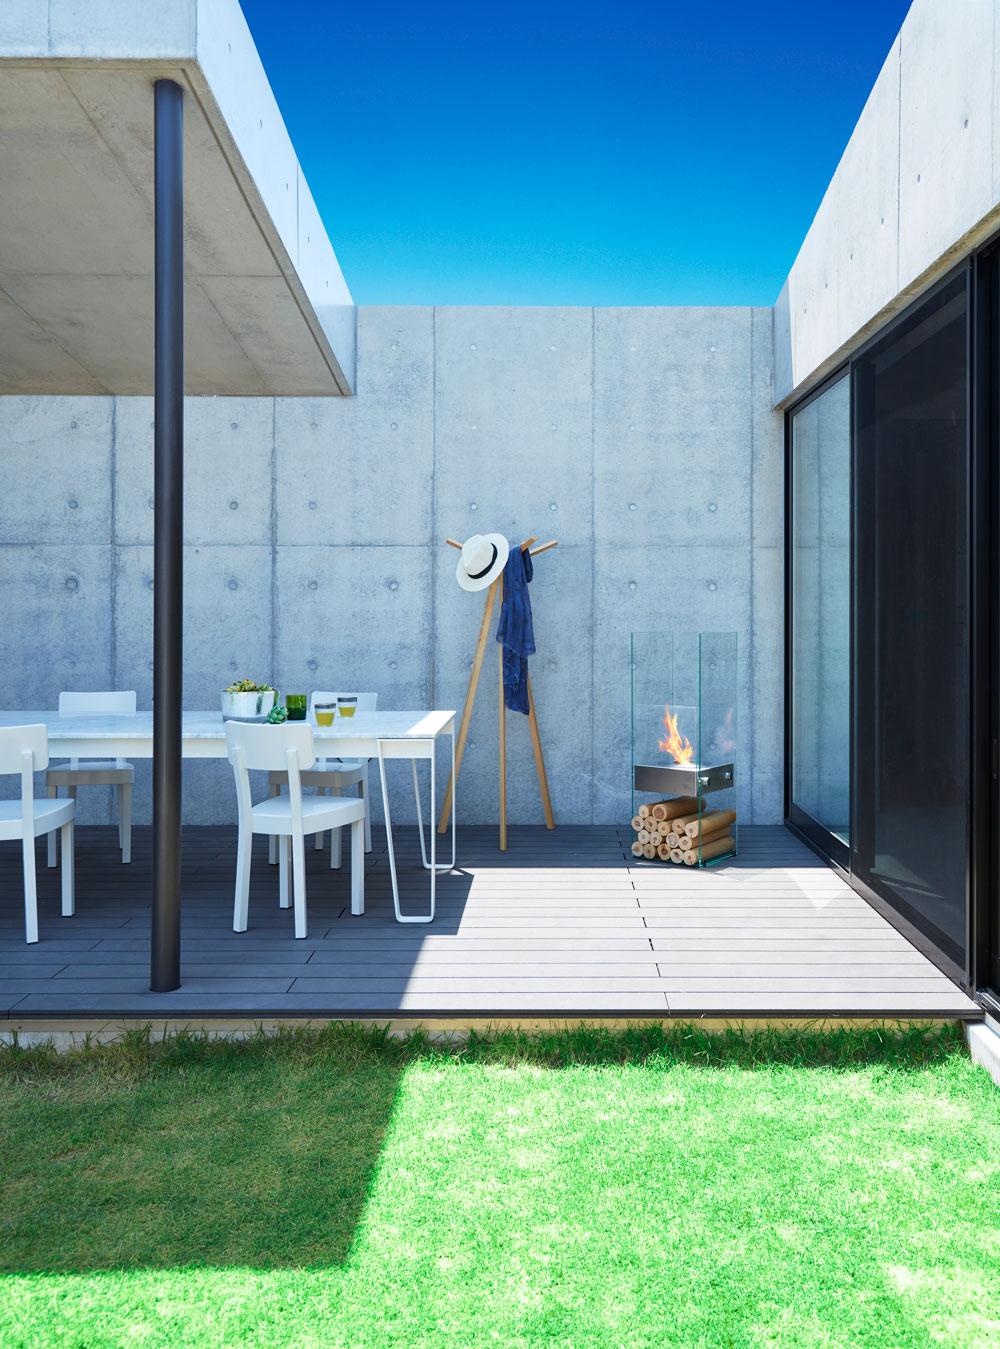 UTEcomfort levering moderne og sertifisert utendørs, innendørs biopeis EcoSmart Fire Ghost i Oslo og Akershus, Norge med god pris for best kvalitet i markedet for din moderne hage